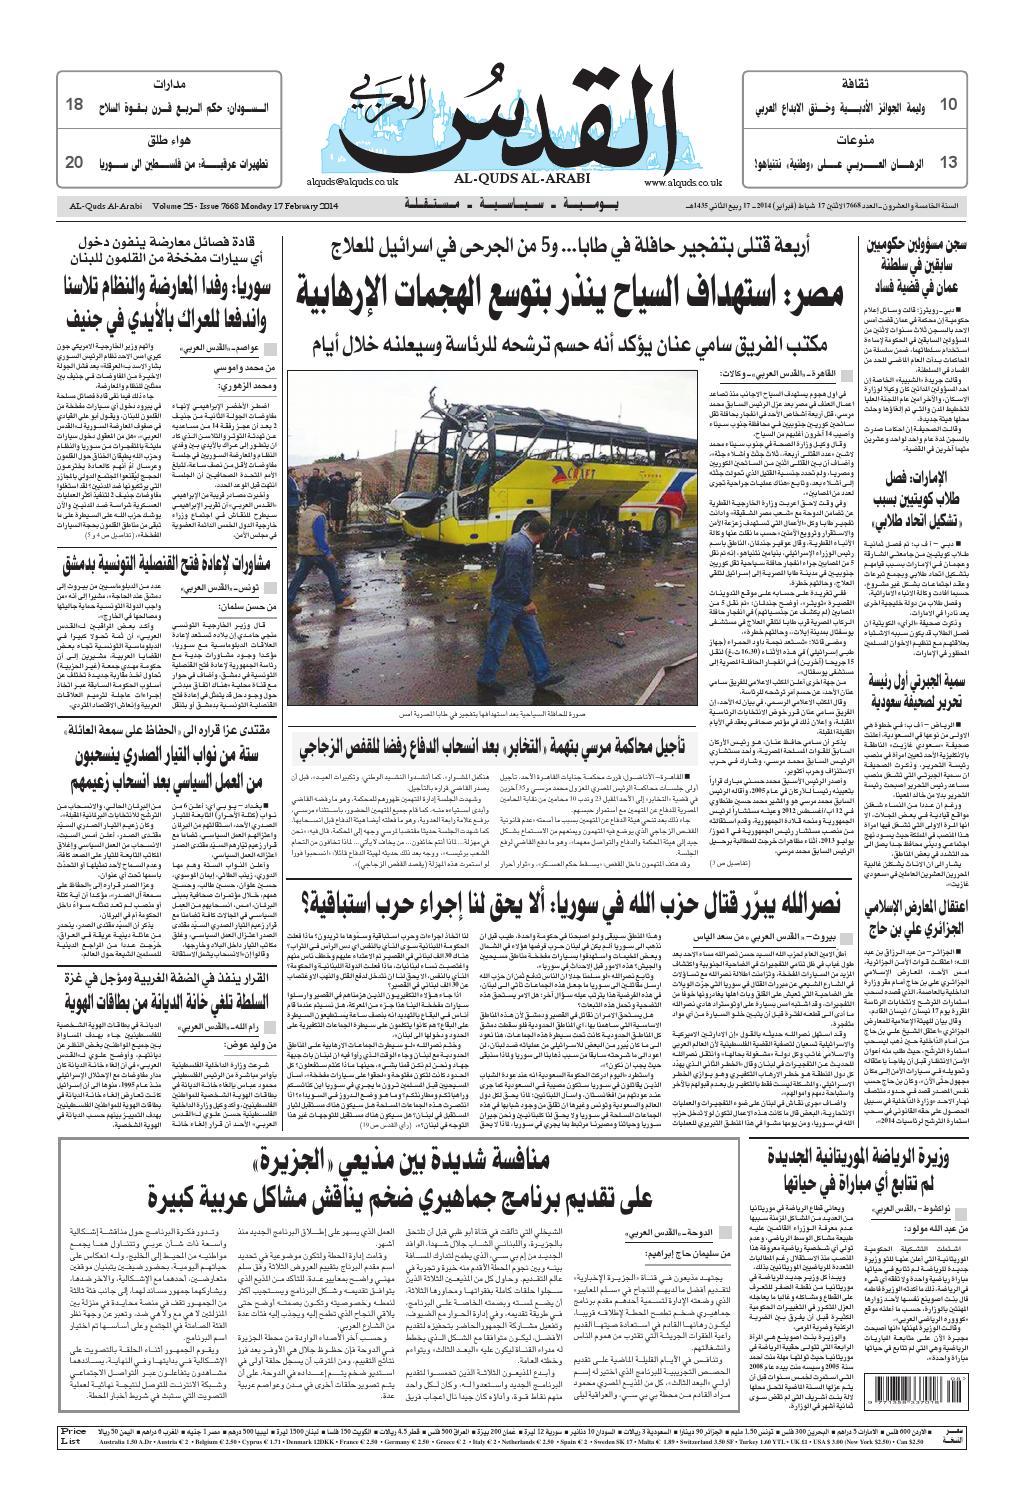 309a7e78b صحيفة القدس العربي , الإثنين 17.02.2014 by مركز الحدث - issuu